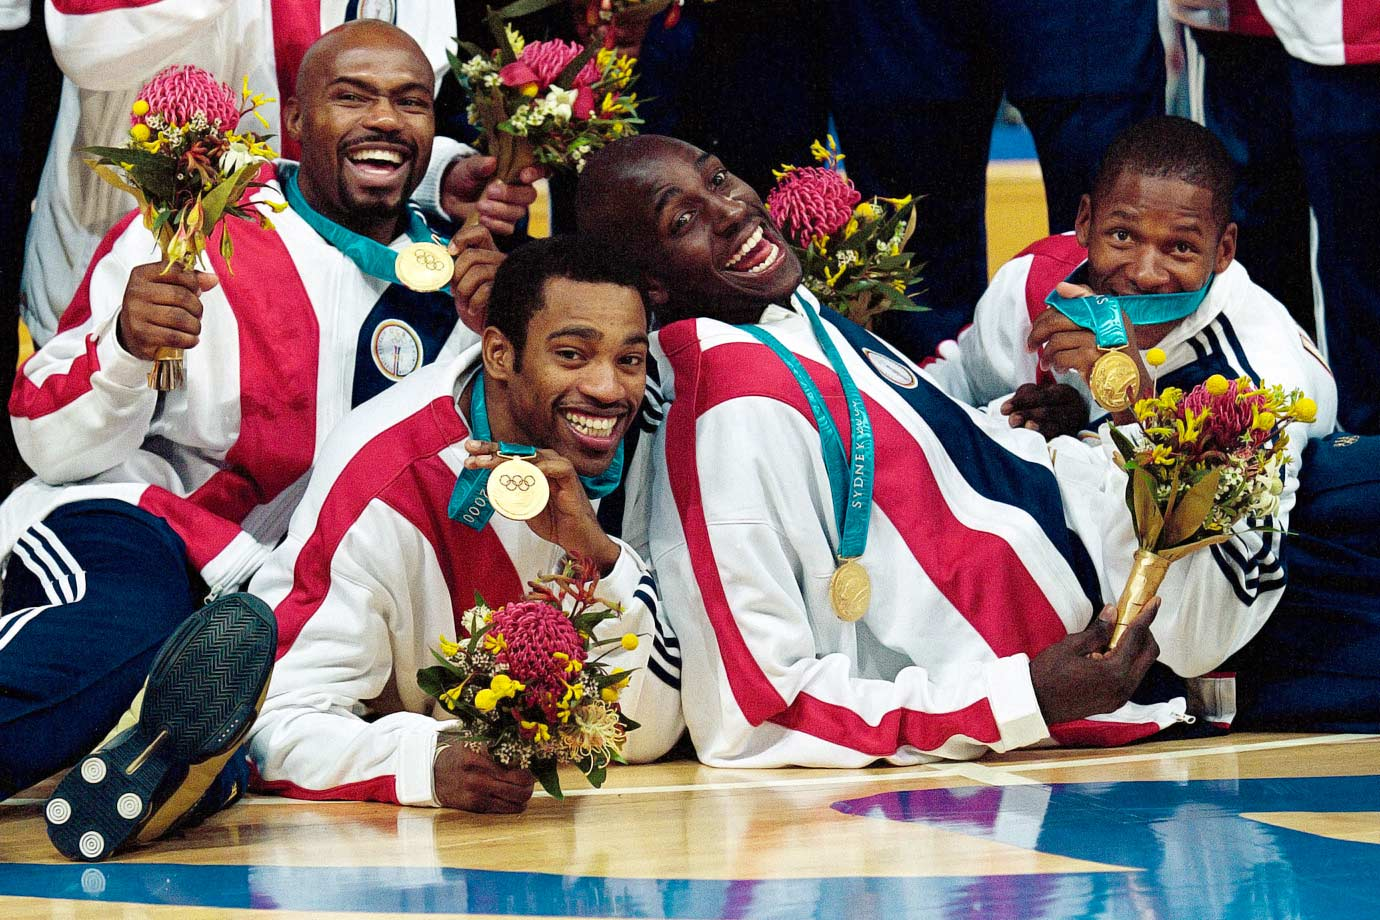 Sydney Summer Olympics — Sept. 30, 2000